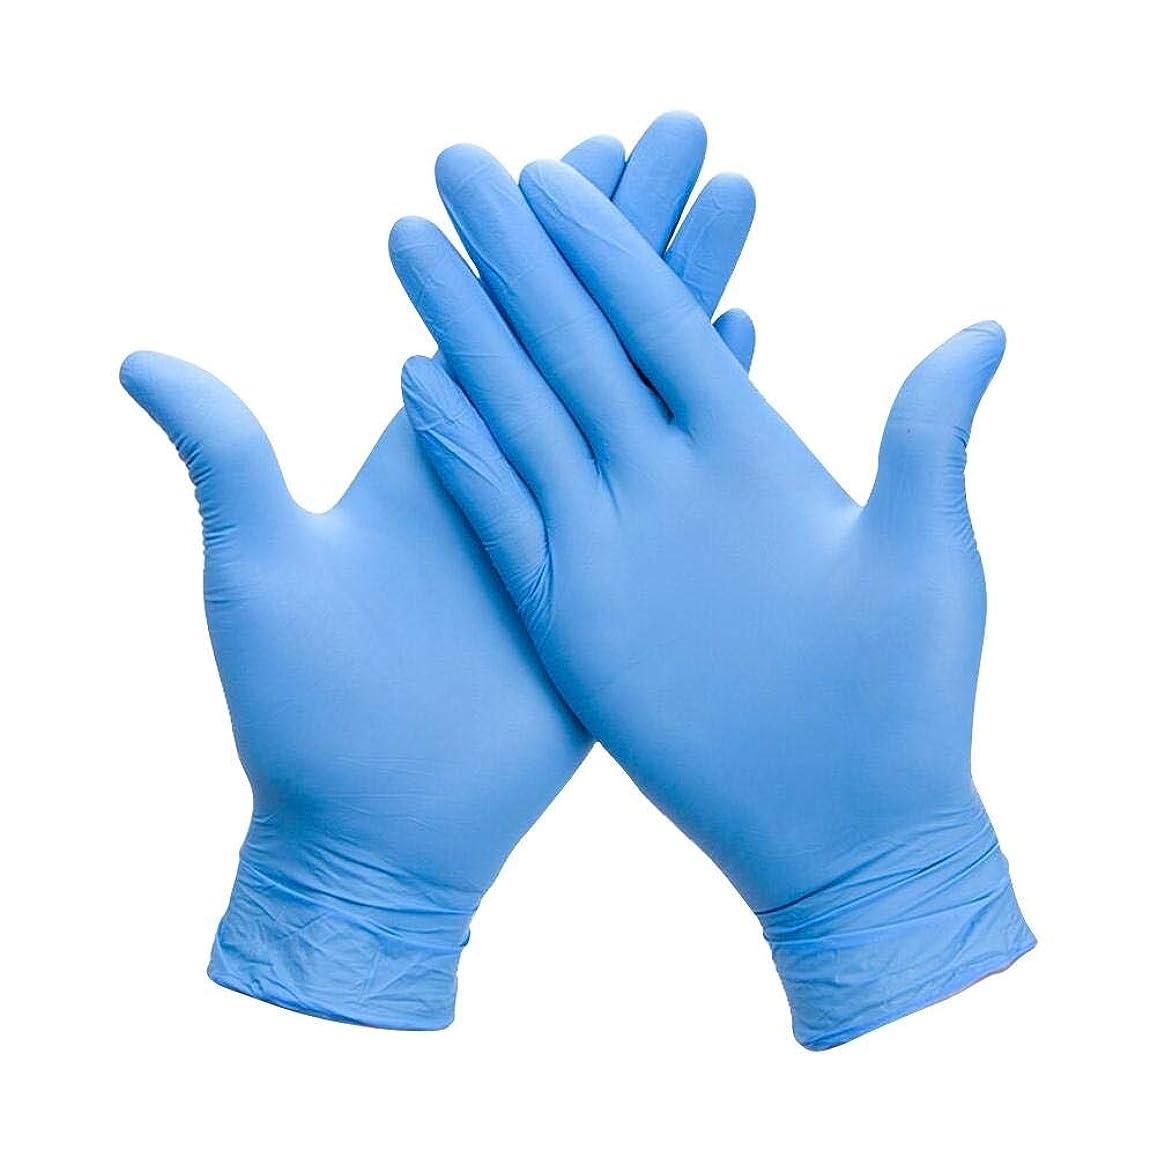 フィールドに変わるパターンカーテン20個使い捨てニトリル手袋ゴム手袋使い捨てブルークリーンニトリル手袋(M)SNOWVIRTUOS